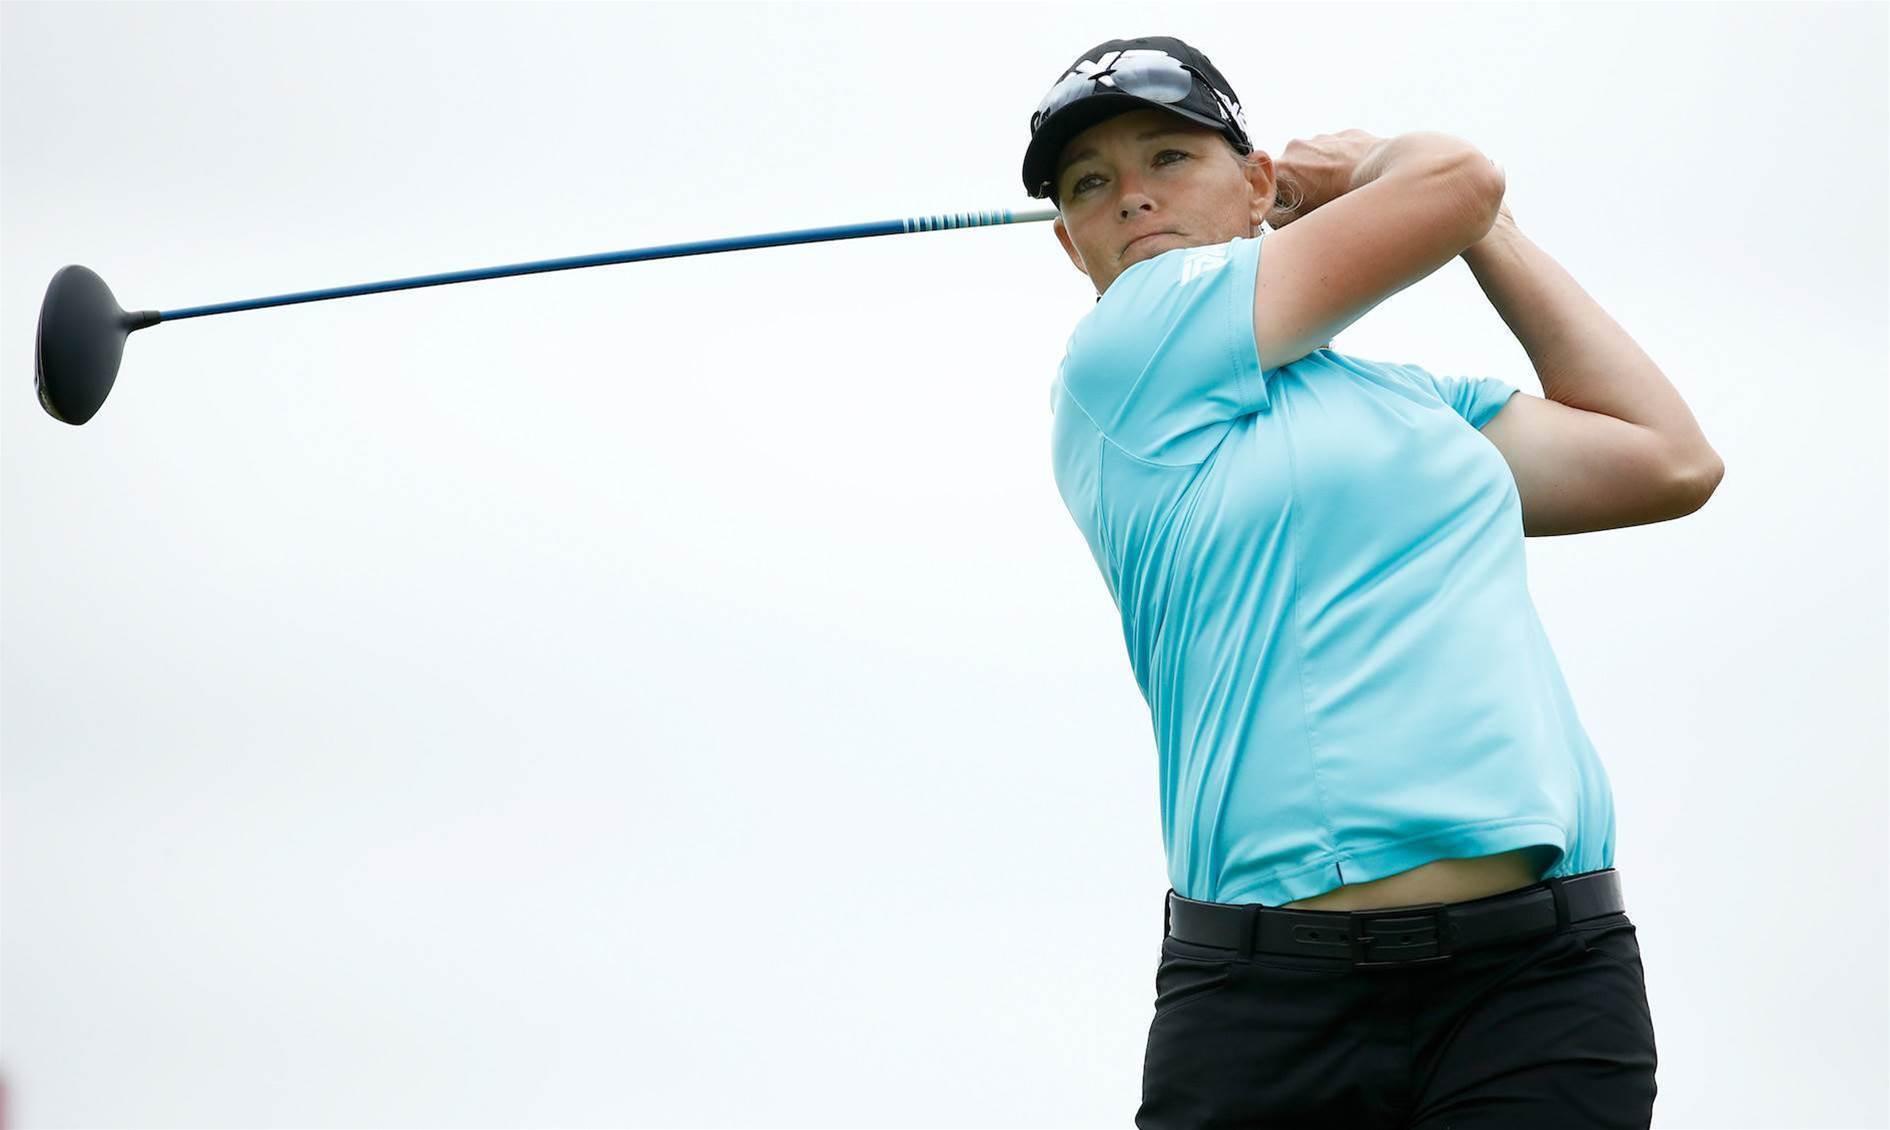 Aussies in the hunt at LPGA season opener